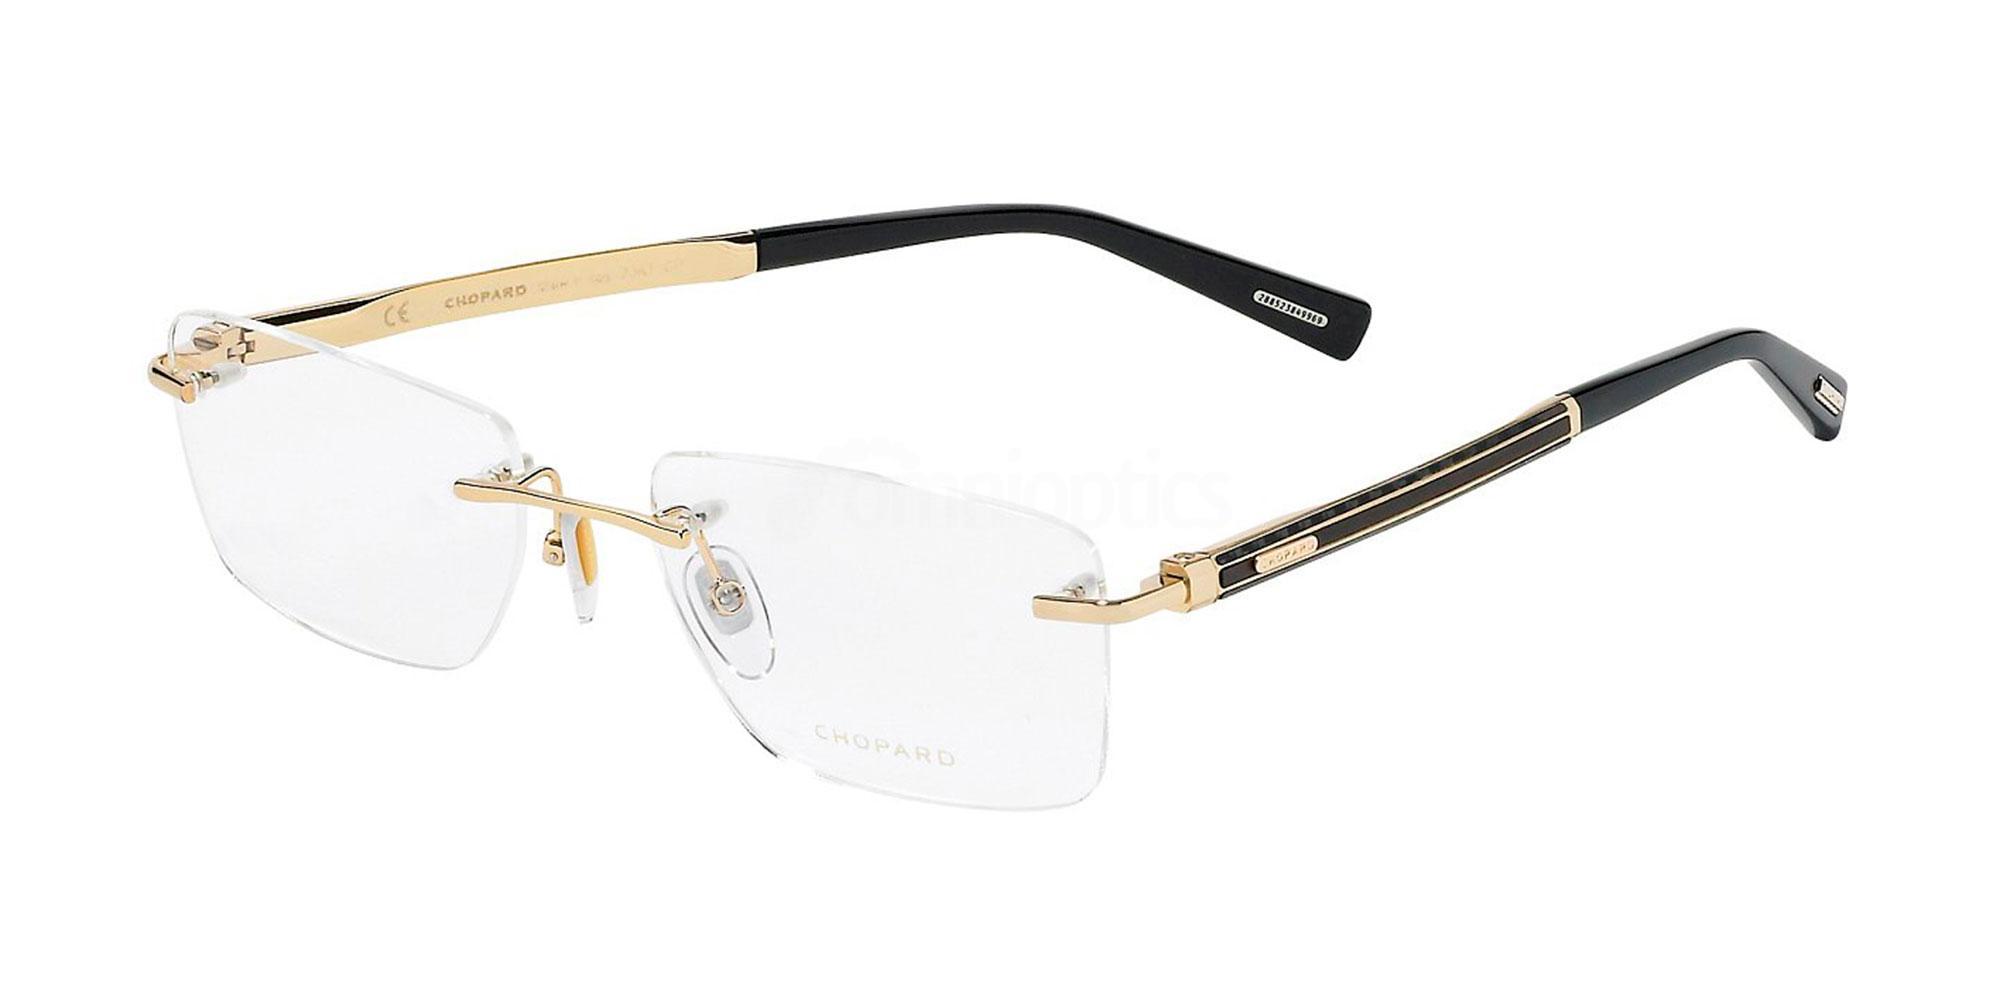 0300 VCHD62 Glasses, Chopard